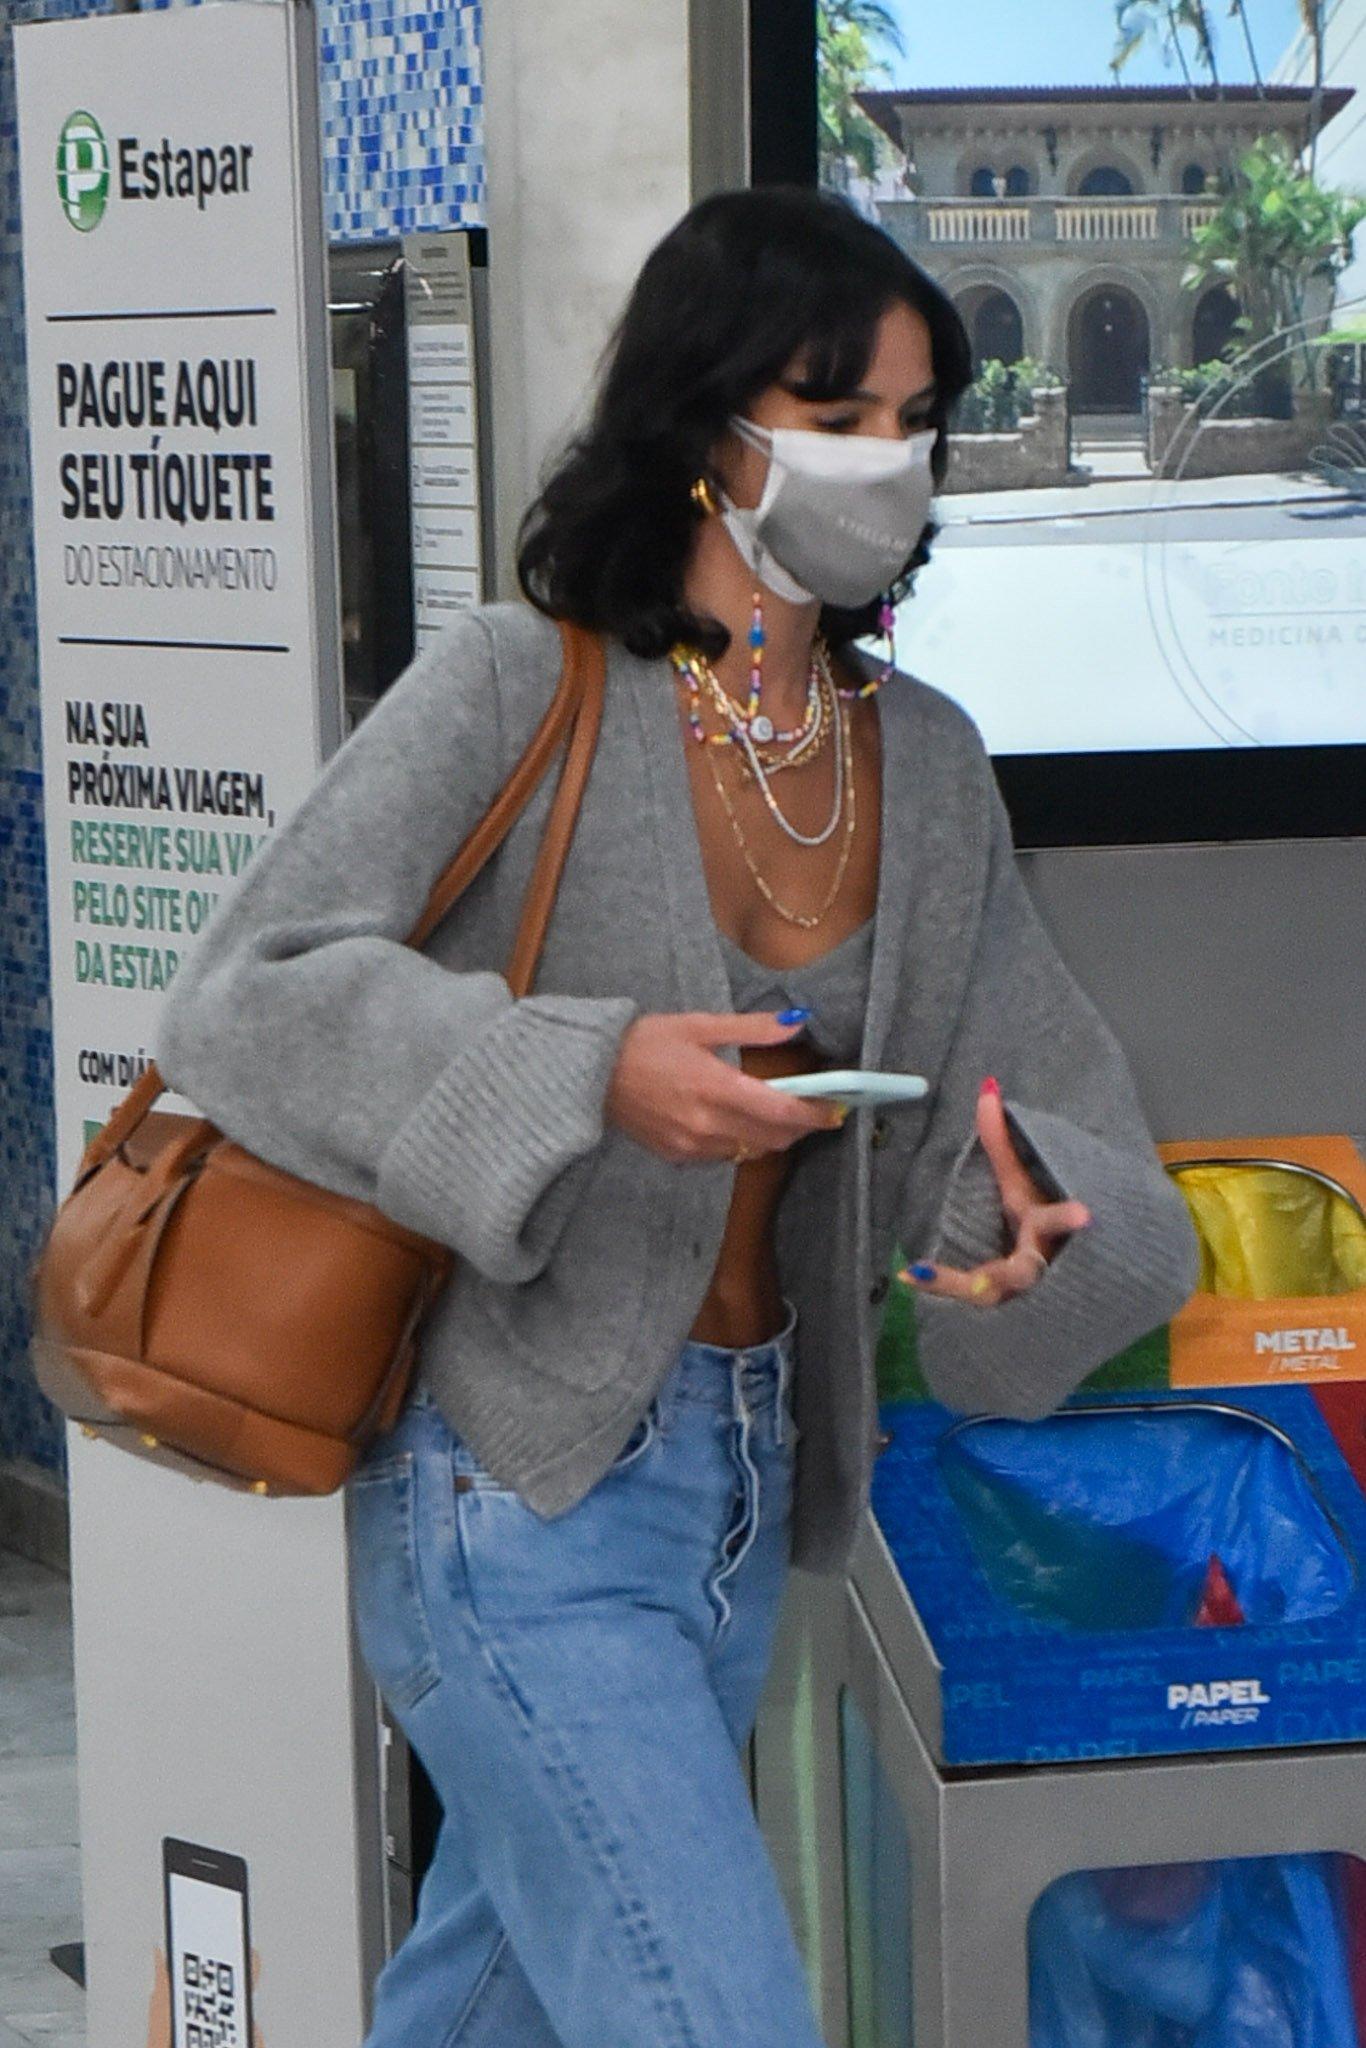 Bruna Marquezine aparece com look luxuoso no aeroporto - Crédito: Marcelo Sá Barretto / AgNews